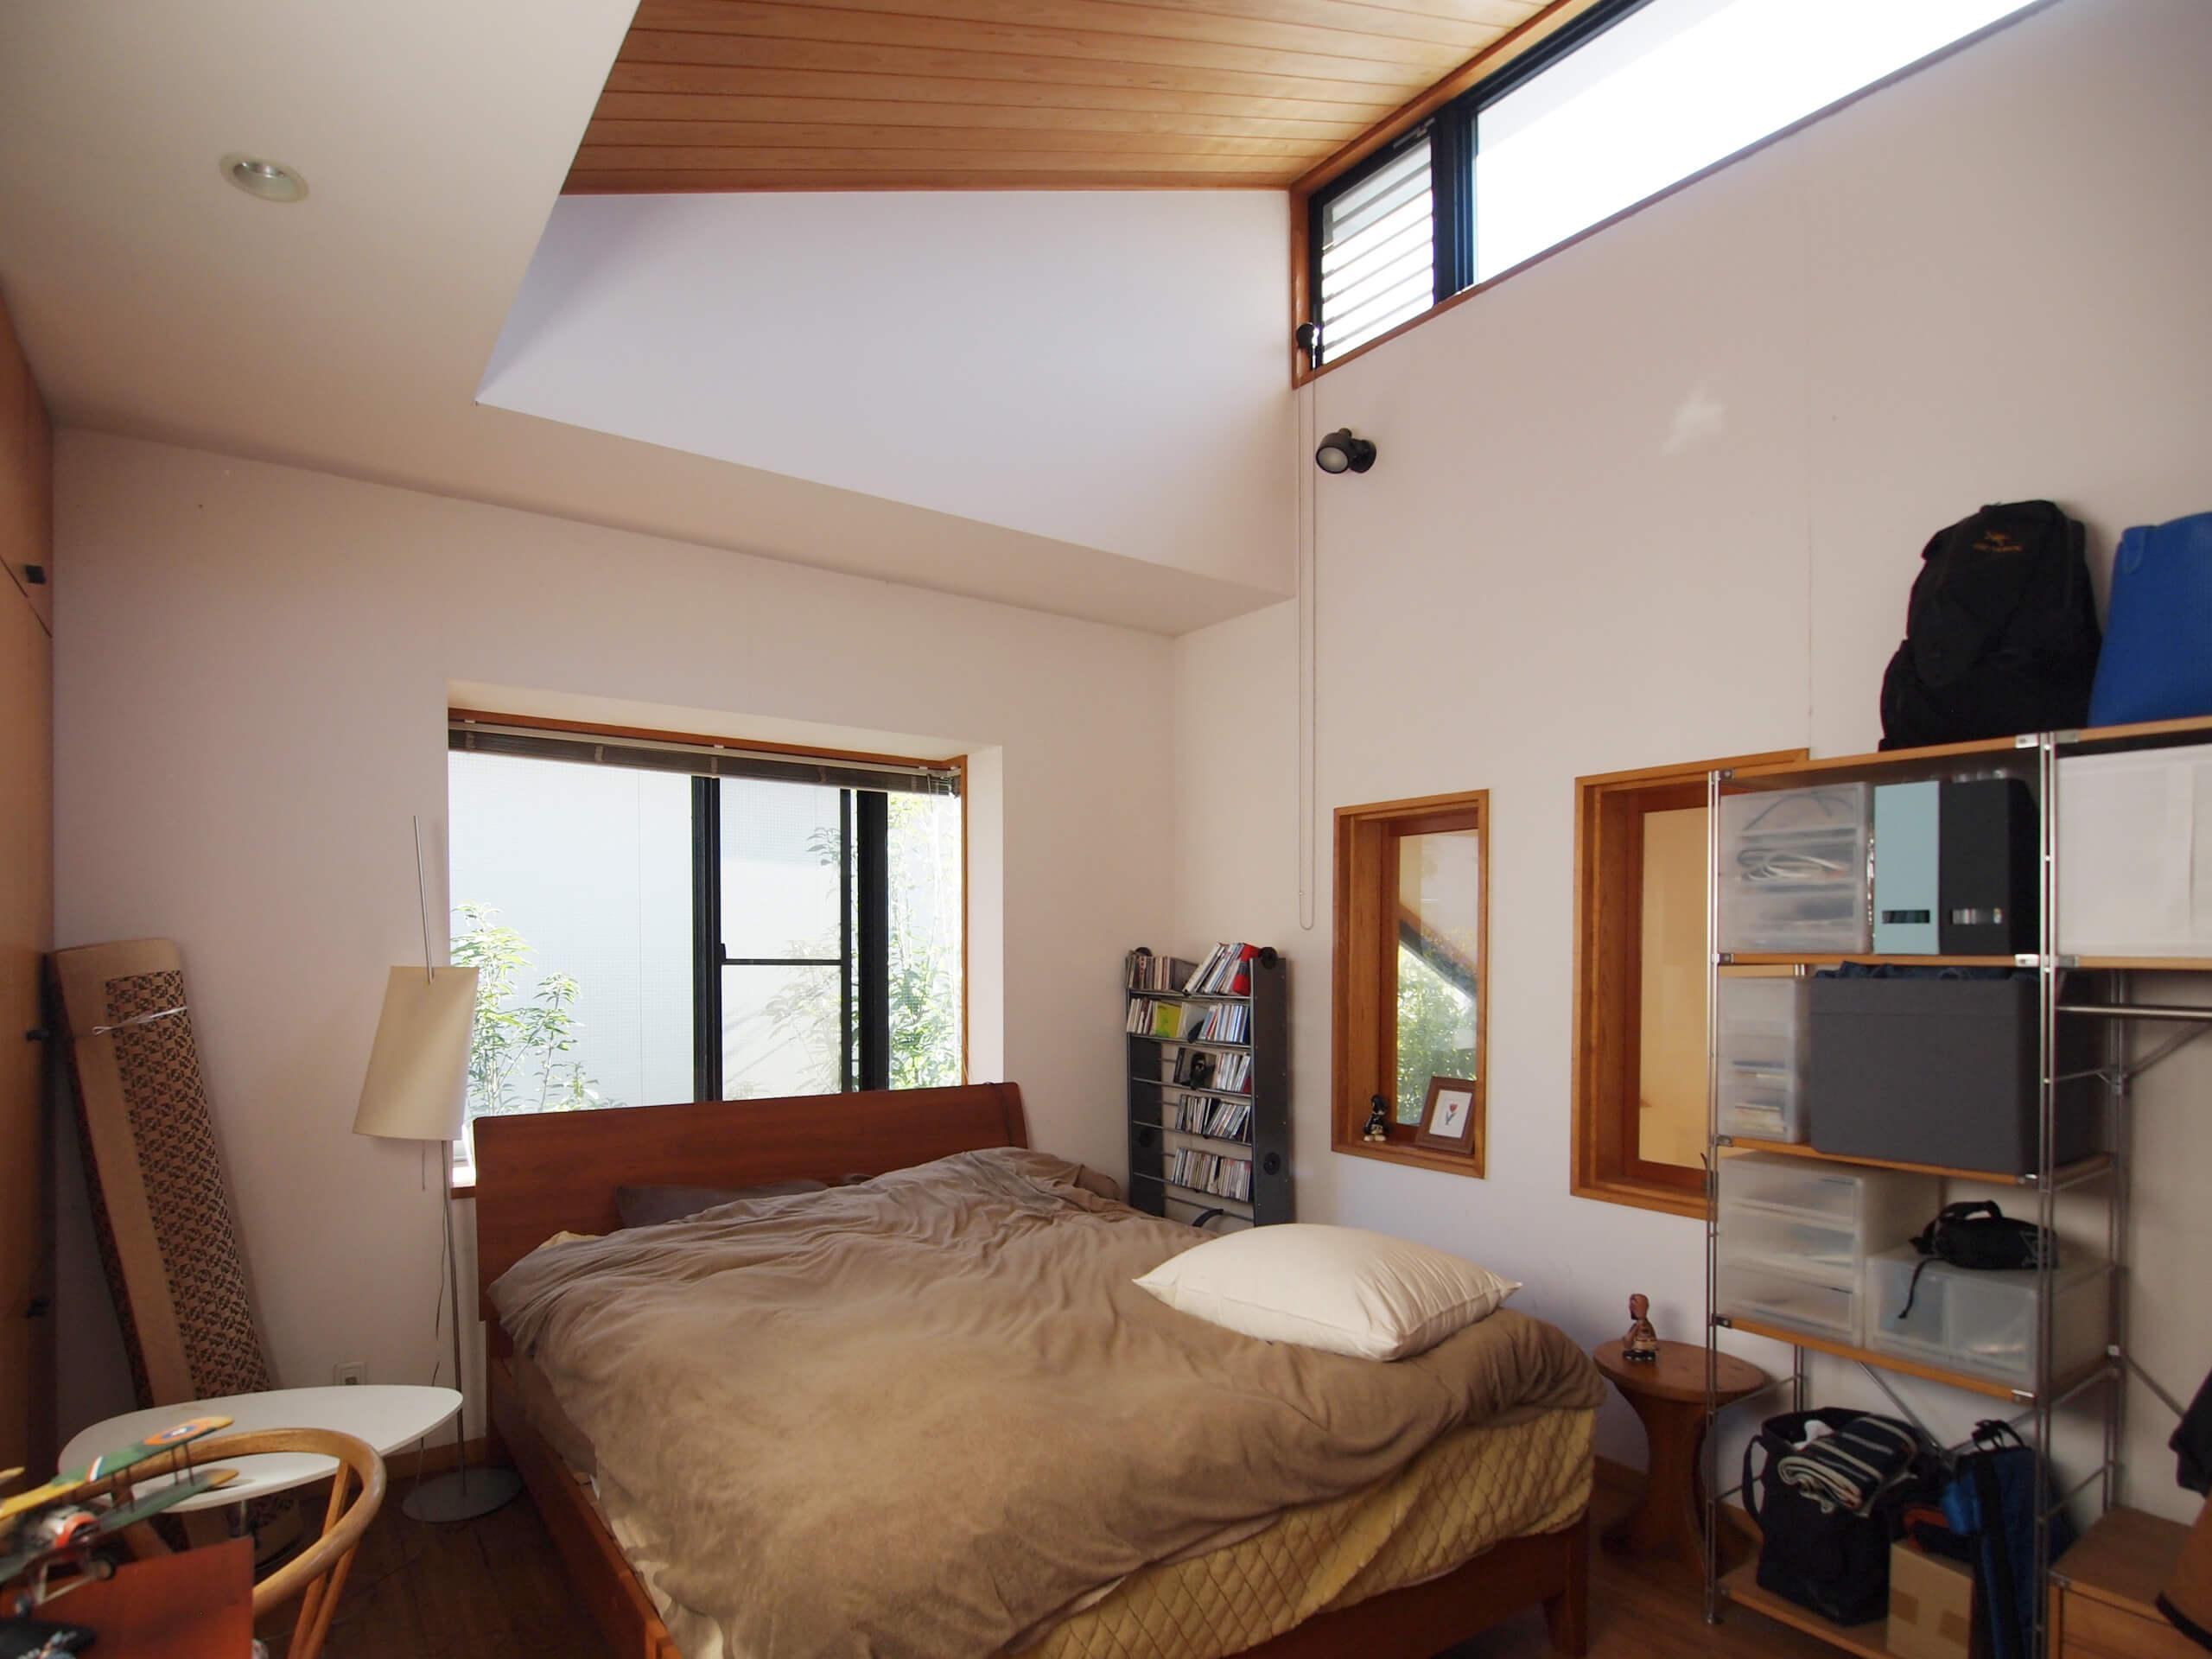 【北側】メインの寝室。光がたくさん入る上部の窓。吹き抜け部分とつながる小窓もかわいい